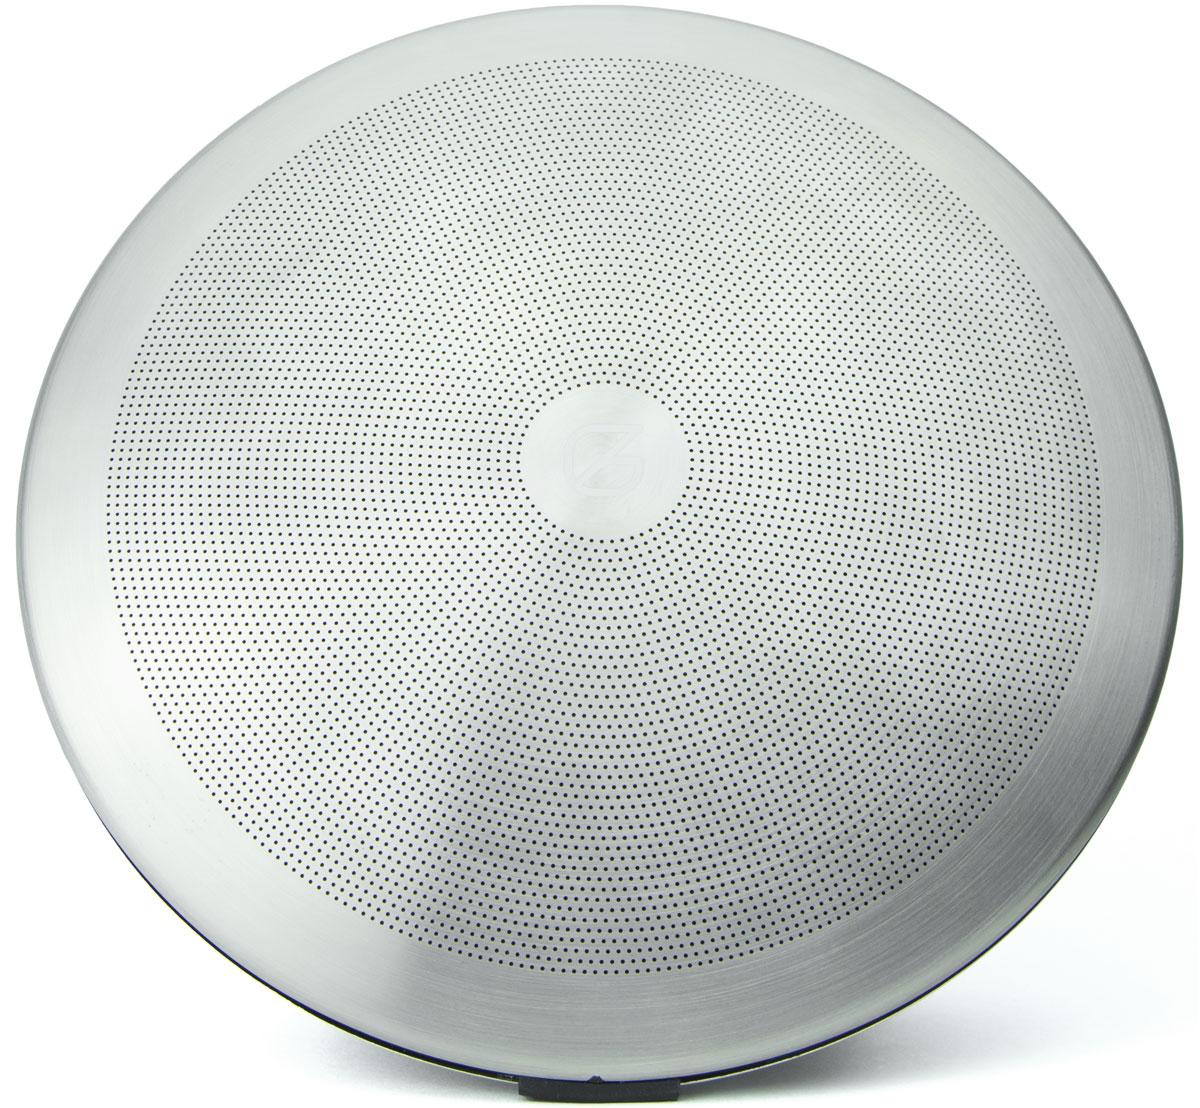 GZ Electronics LoftSound GZ-88, Black портативная акустическая системаGZ-88(SL)Bluetooth-колонка GZ Electronics LoftSound GZ-88 имеет насыщенное естественное звучание.Качественная музыка без проводов Технология Bluetooth обеспечит потоковую передачу музыки с вашего смартфона или планшета, а с помощью дополнительного входа 3,5 мм вы можете подключить внешние источники.Изысканный дизайн в стиле Hi-Tech Лаконичный алюминиевый корпус станет украшением любого интерьера.8 часов автономной работы обеспечивается встроенным перезаряжаемым аккумулятором. Как выбрать портативную колонку. Статья OZON Гид